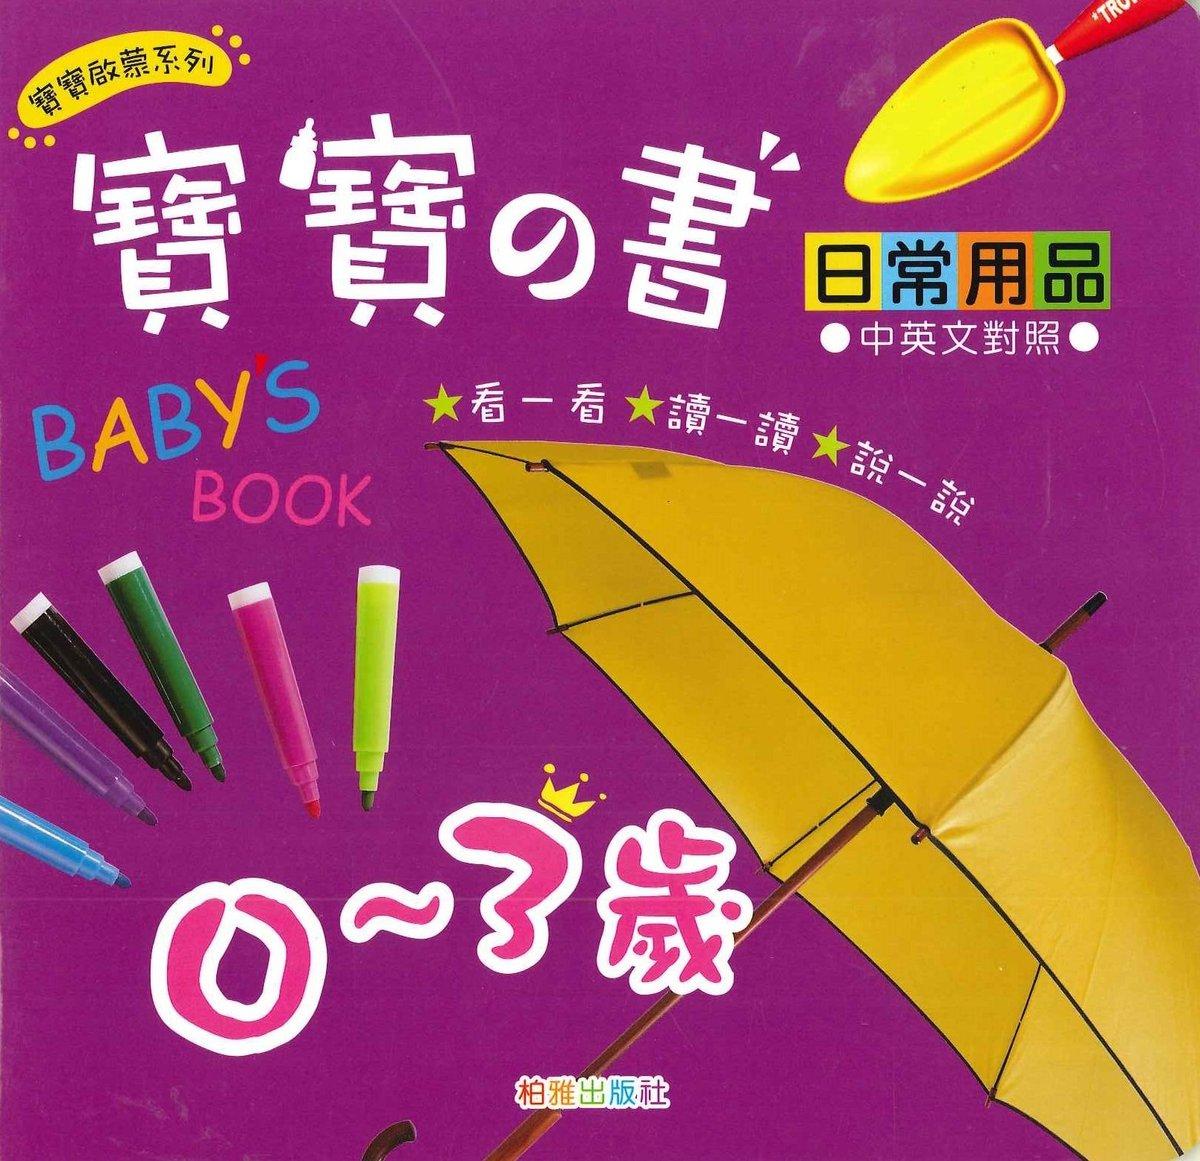 寶寶之書 - 日常用品